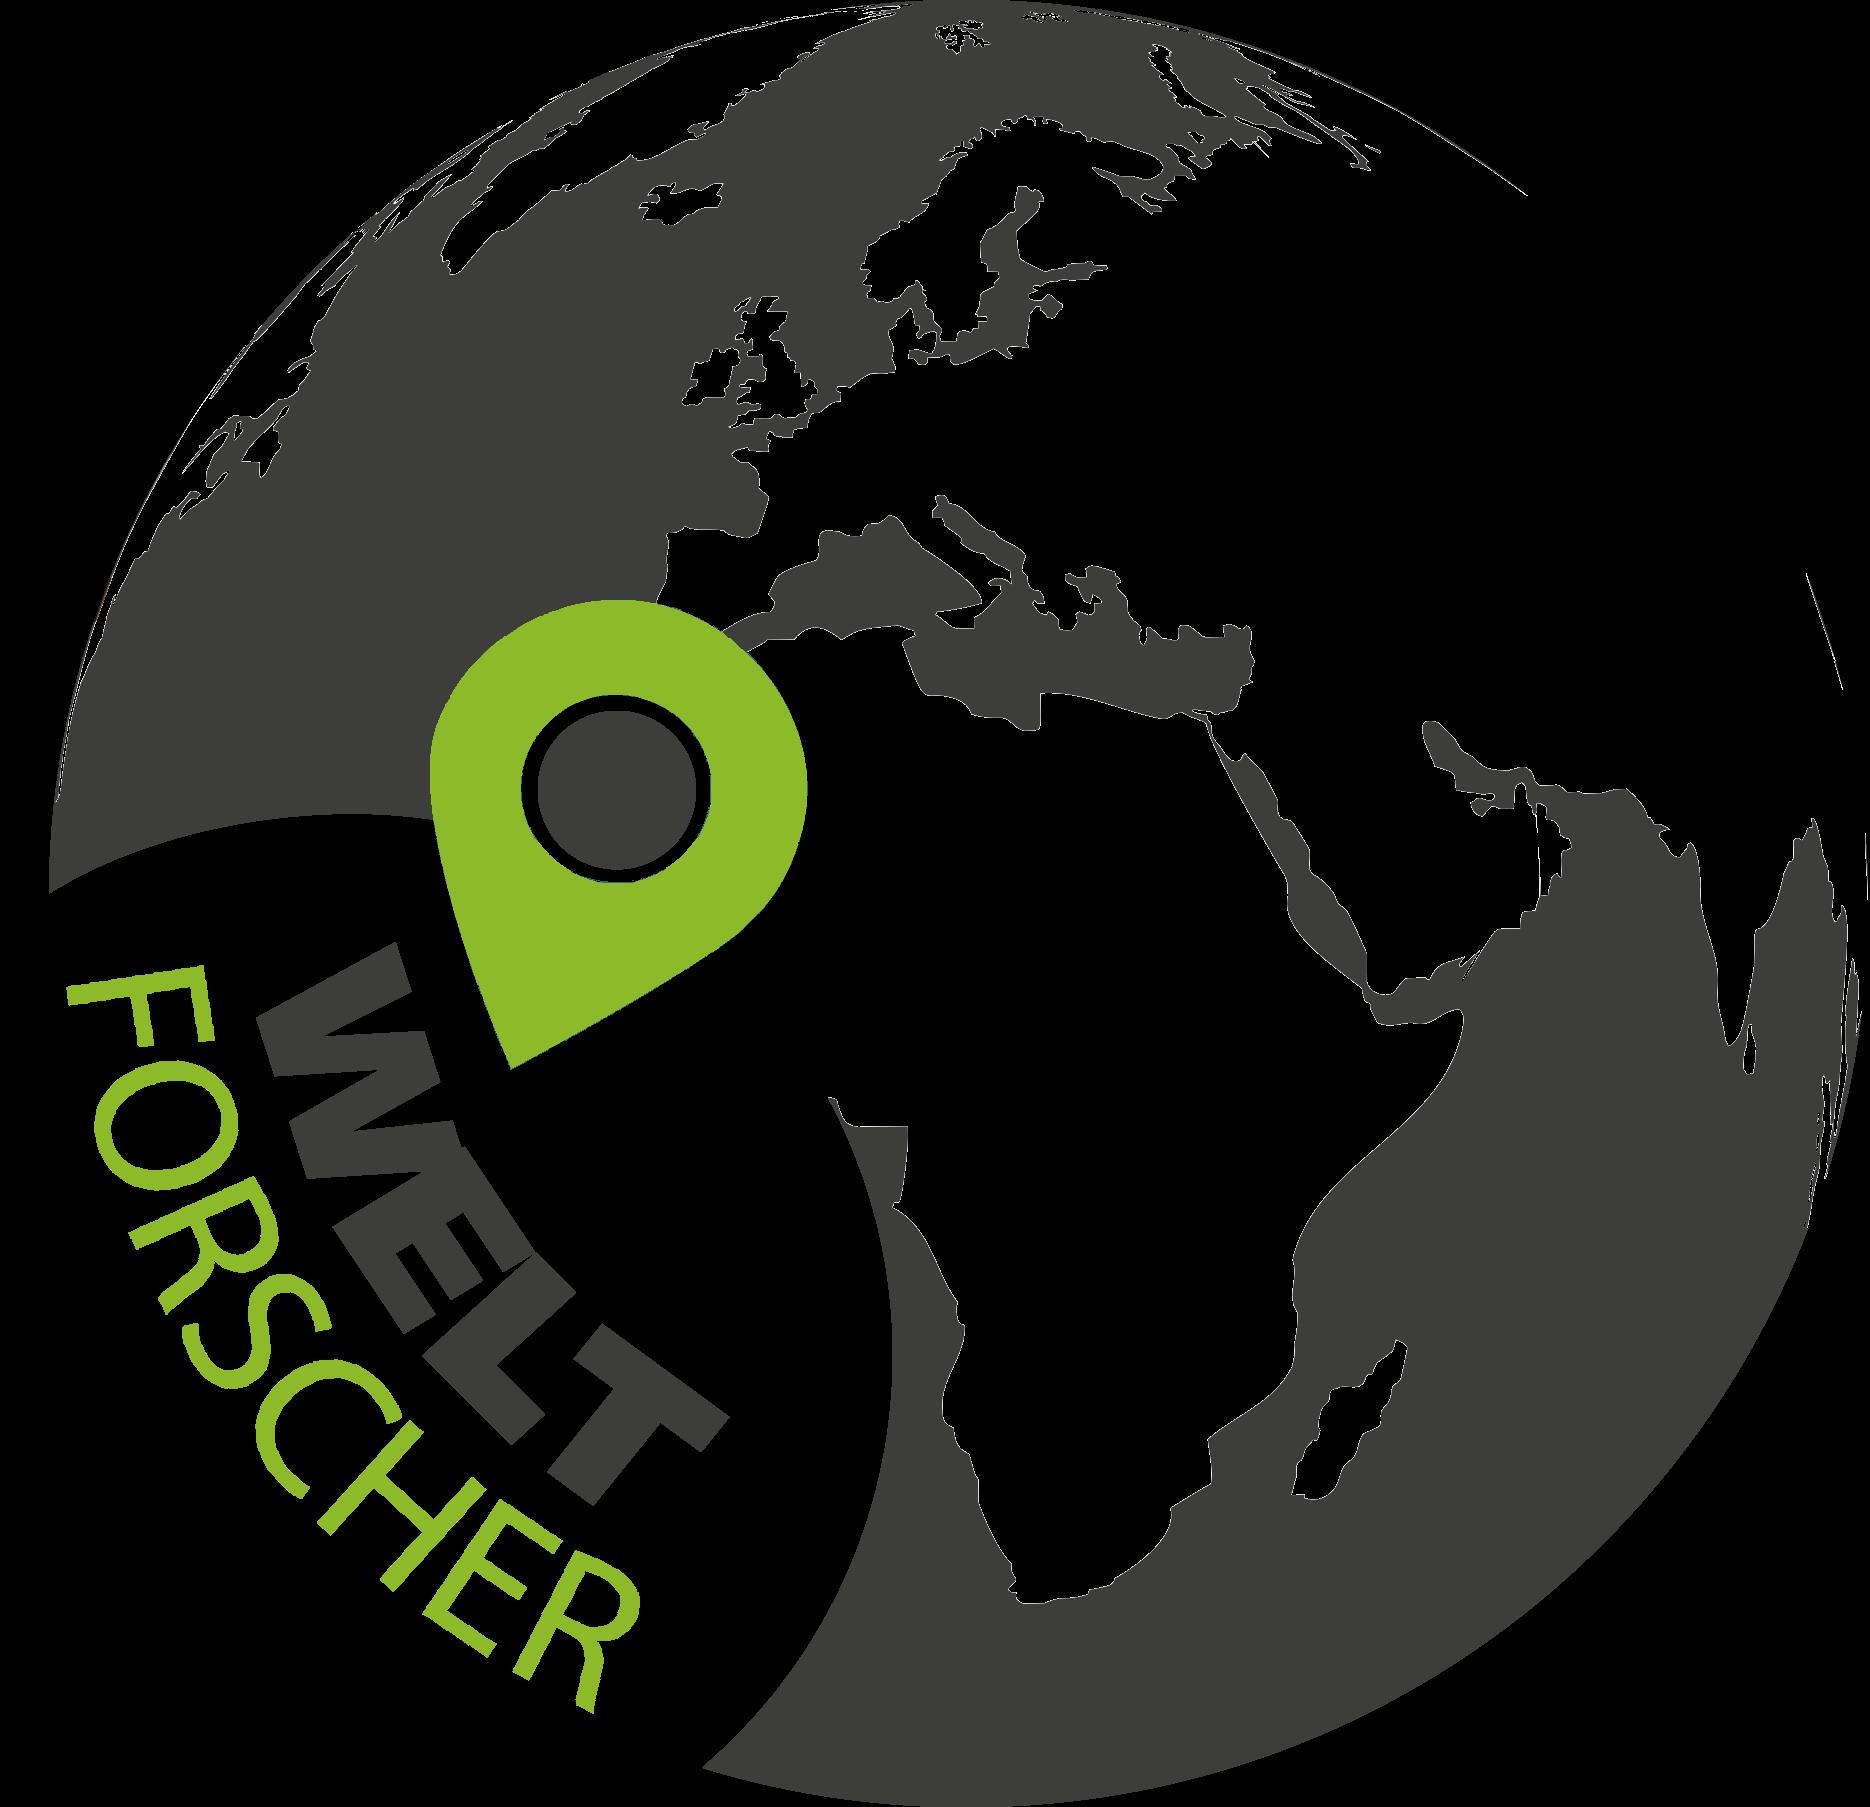 Logo_Weltforscher_grau-gruen_transparent